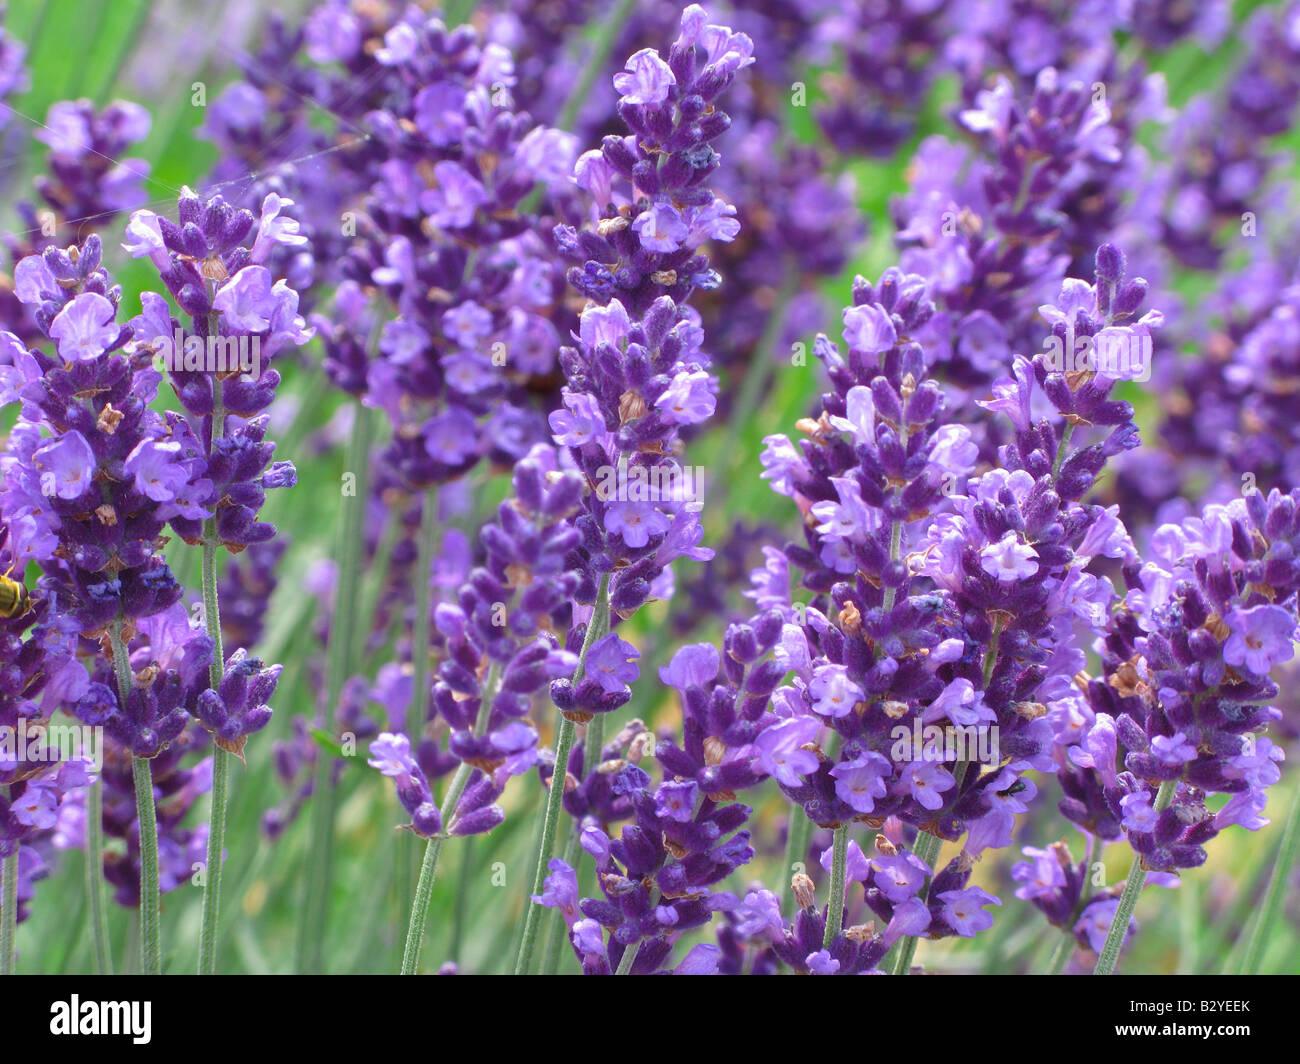 Lavender flowers blooming Lavandula angustifolia - Stock Image